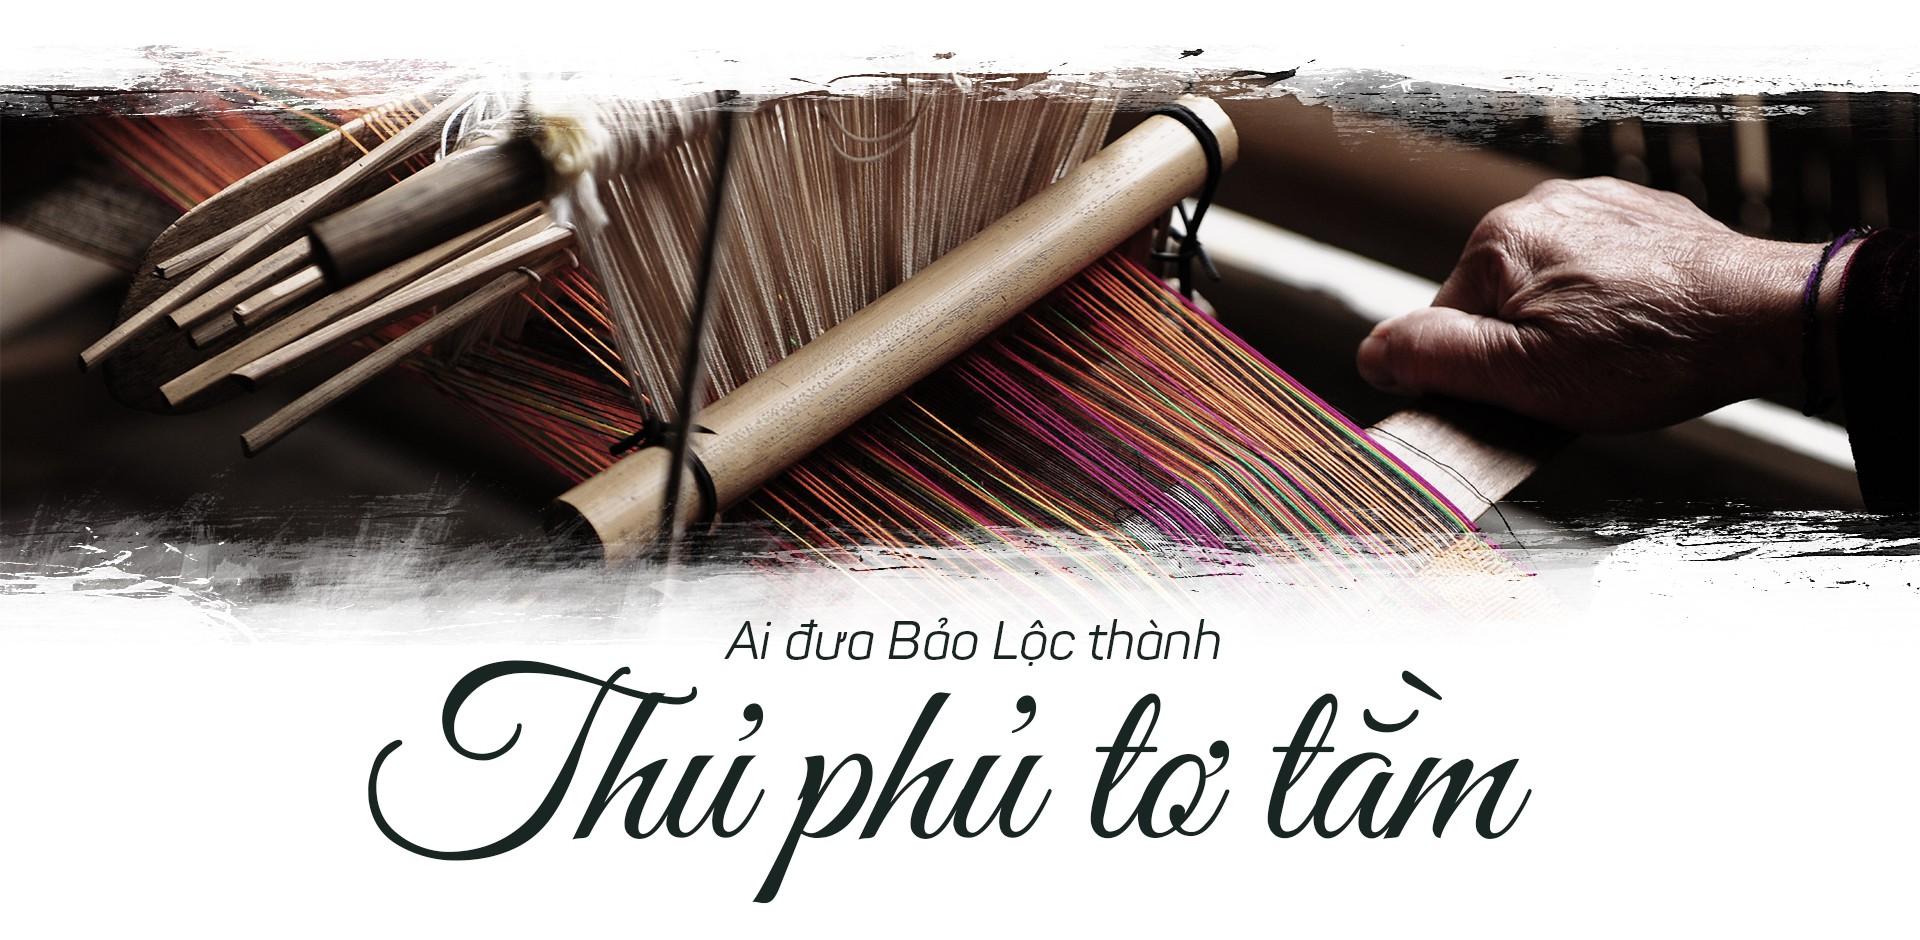 Tơ lụa Việt Nam: Sứ mệnh mới của thủ phủ tơ tằm Bảo Lộc - Ảnh 1.